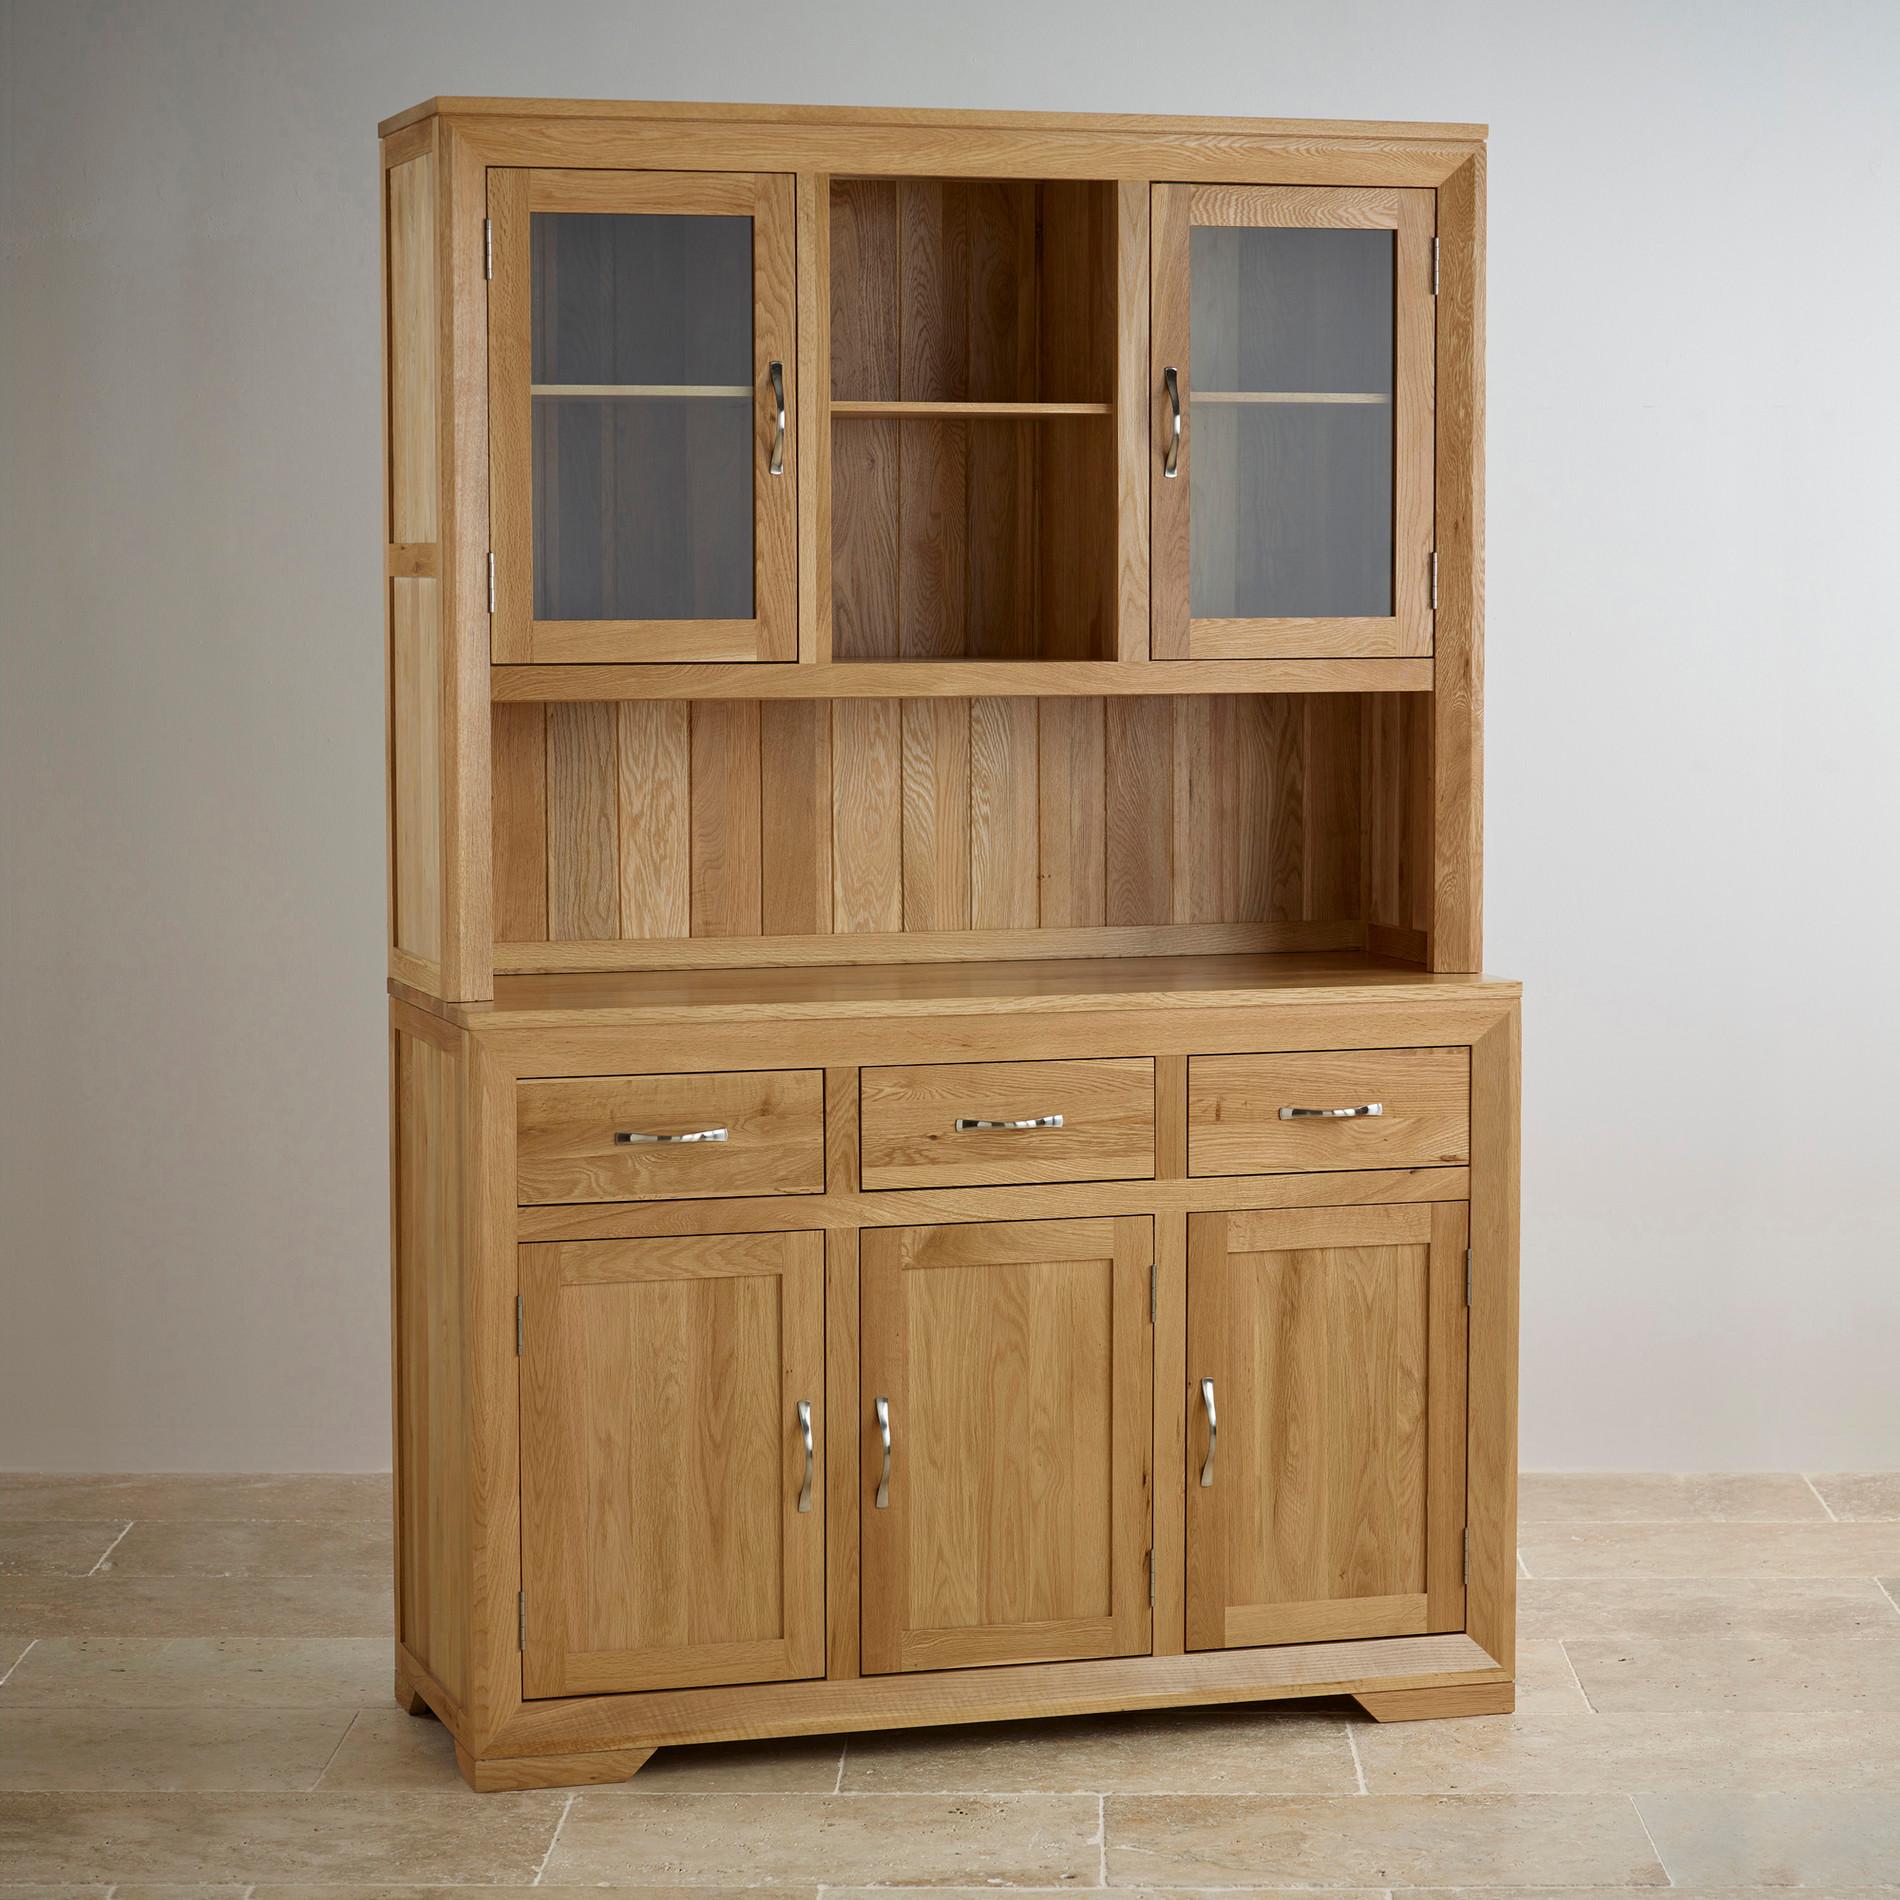 Bevel large welsh dresser in solid oak oak furniture land for Oak bedroom furniture 0 finance